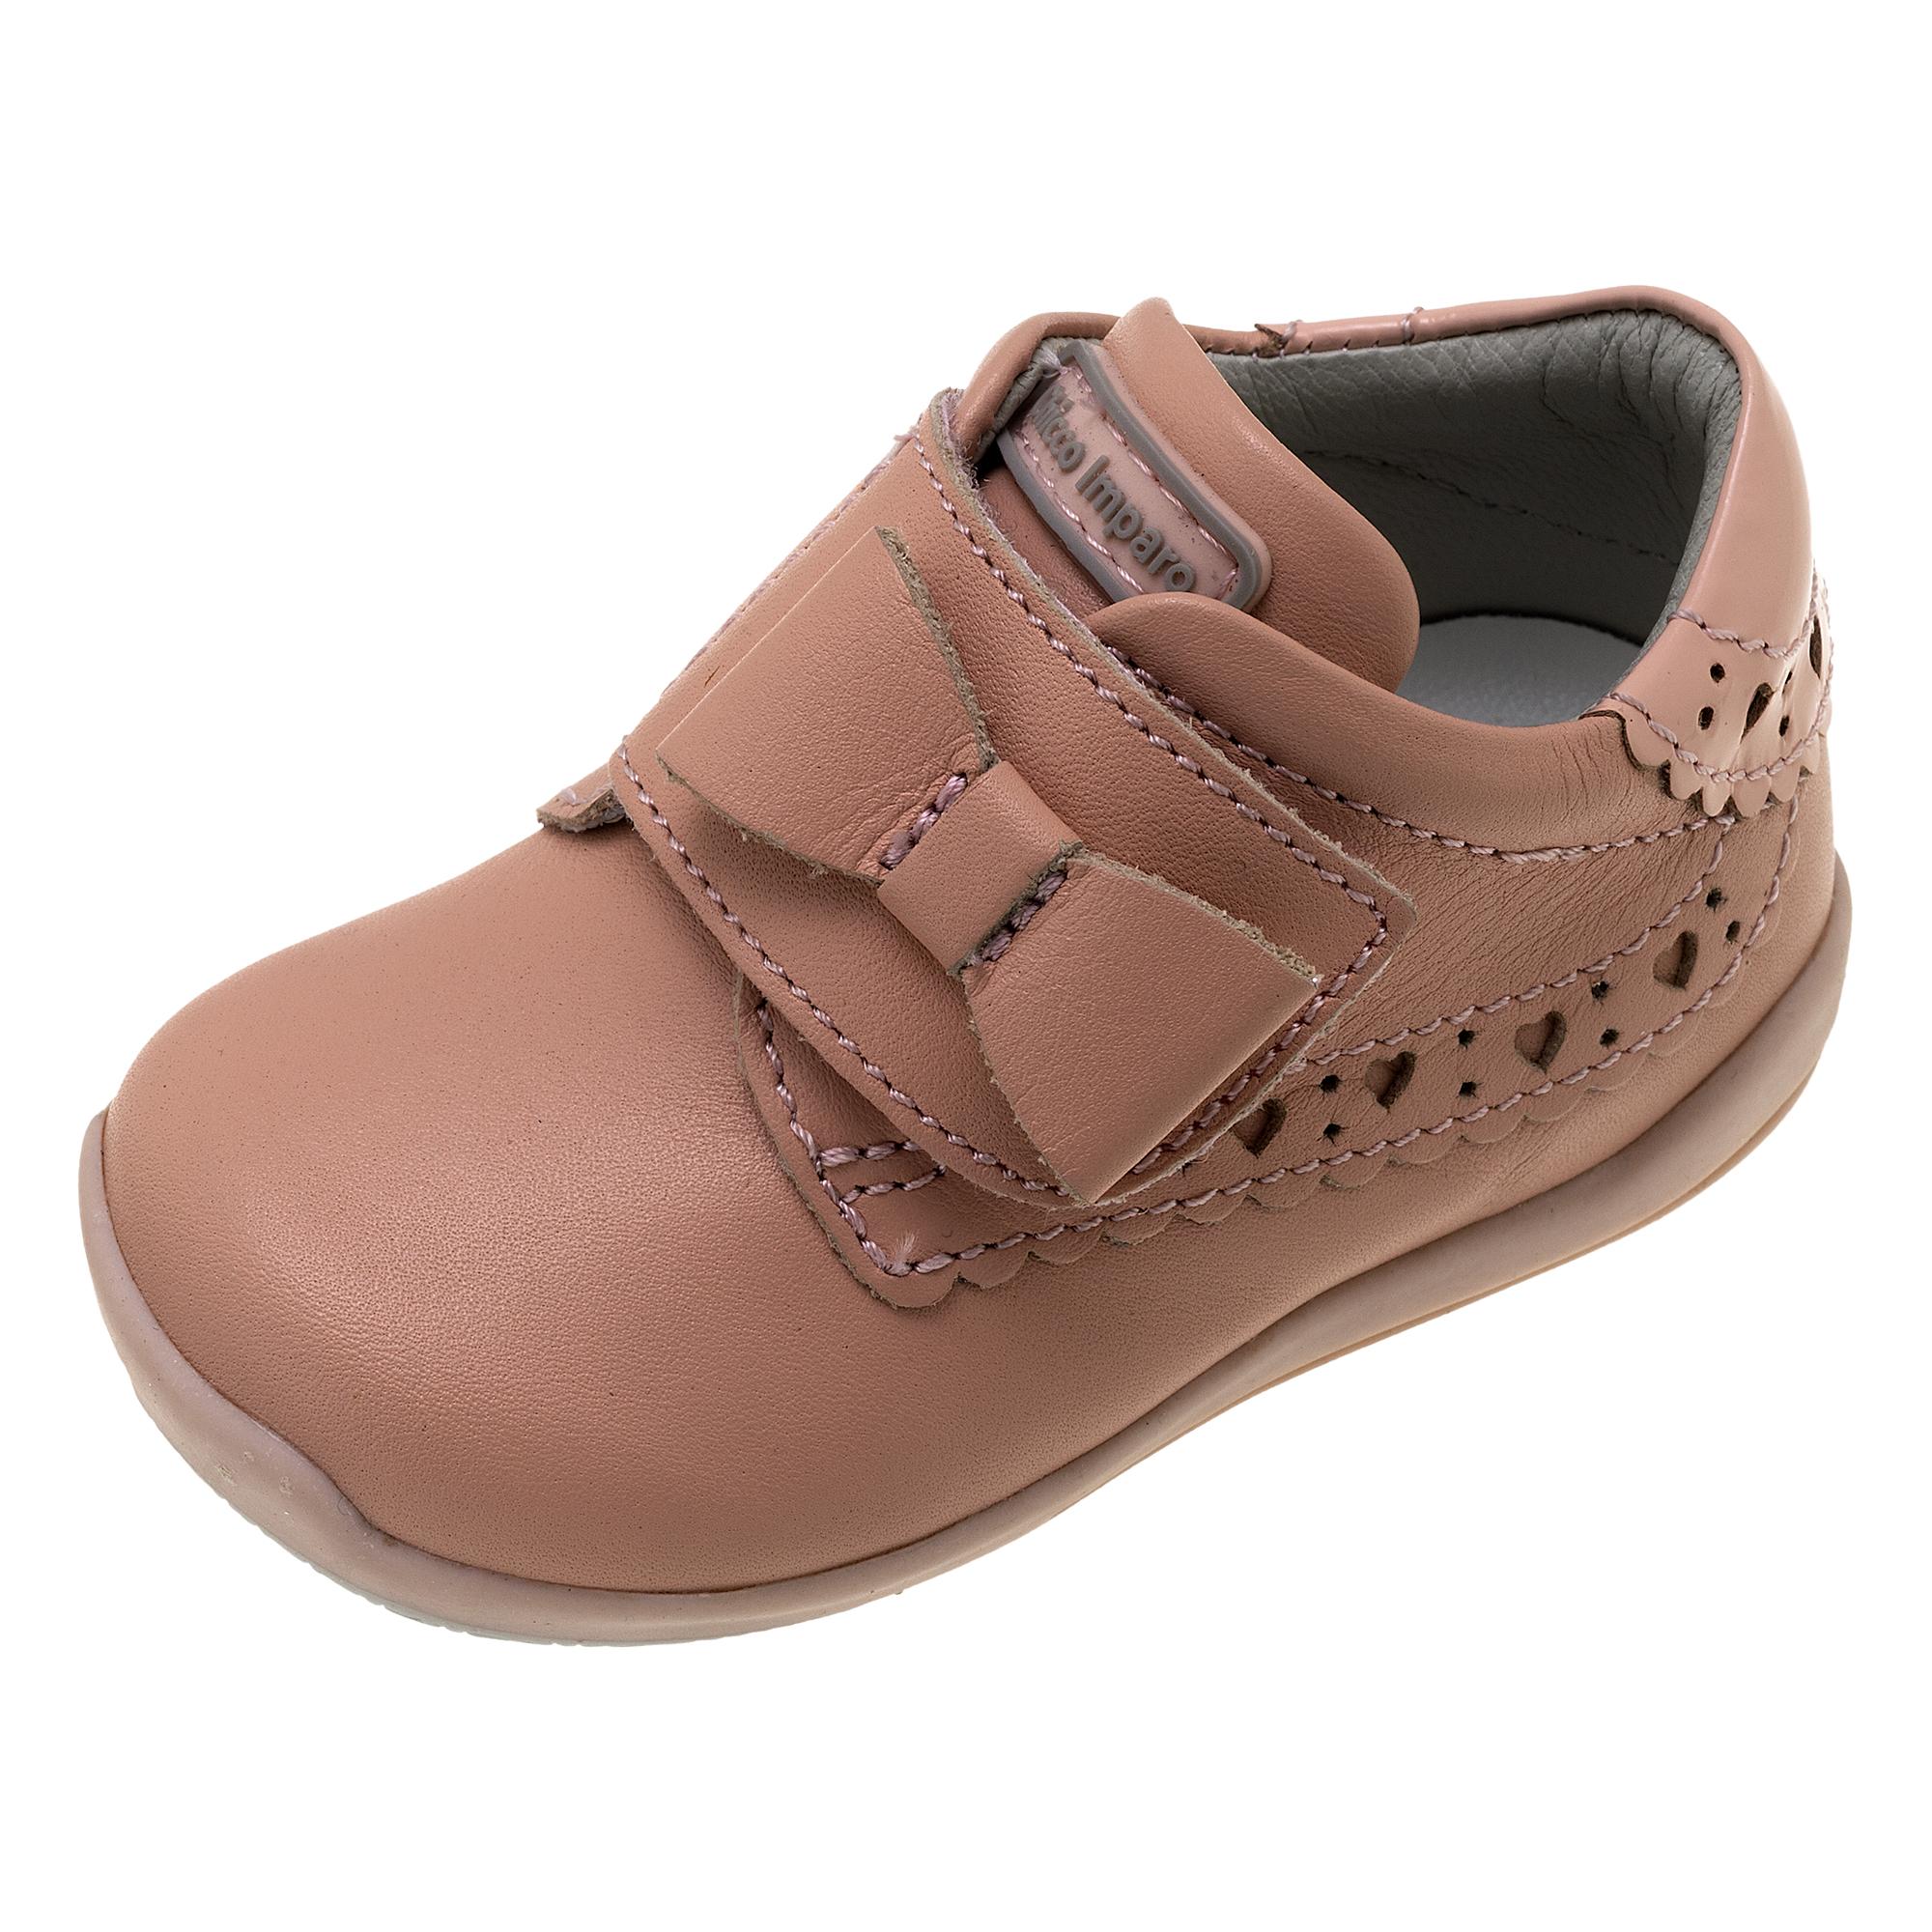 Ghete copii Chicco, roz, fundita decorativa, 62534 din categoria Ghete copii si bebelusi